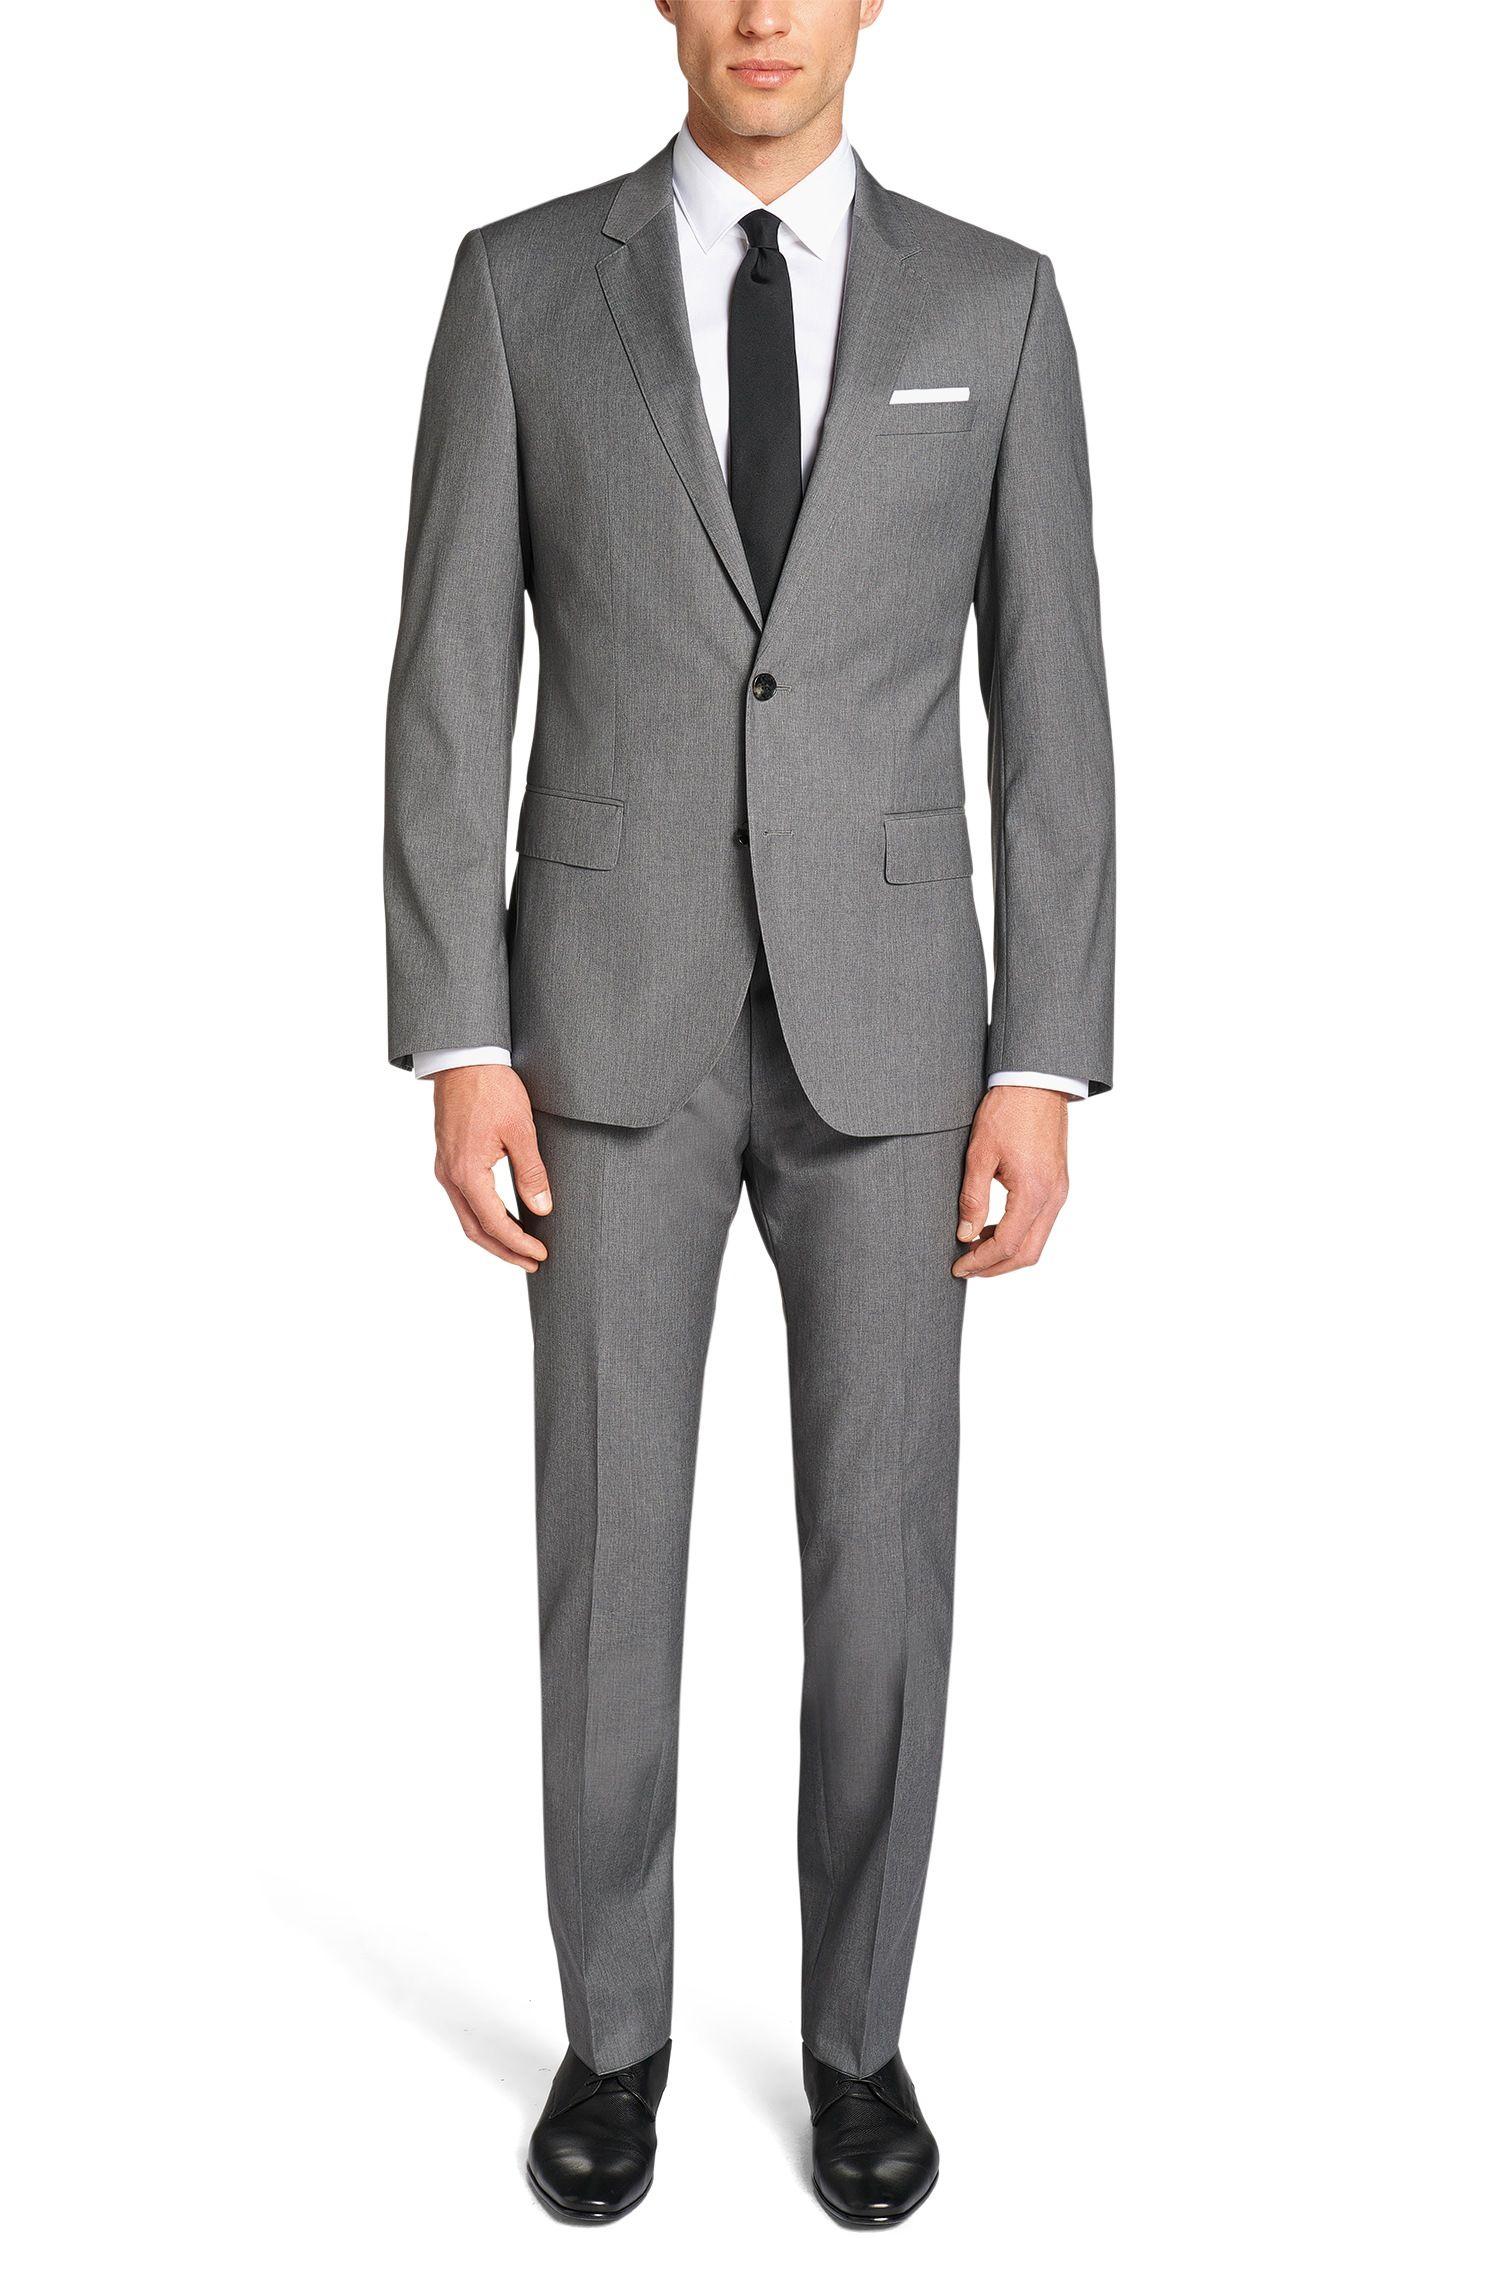 cc693e52333c6 Fein melierter Slim-Fit Anzug aus Schurwolle   Huge4 Genius3